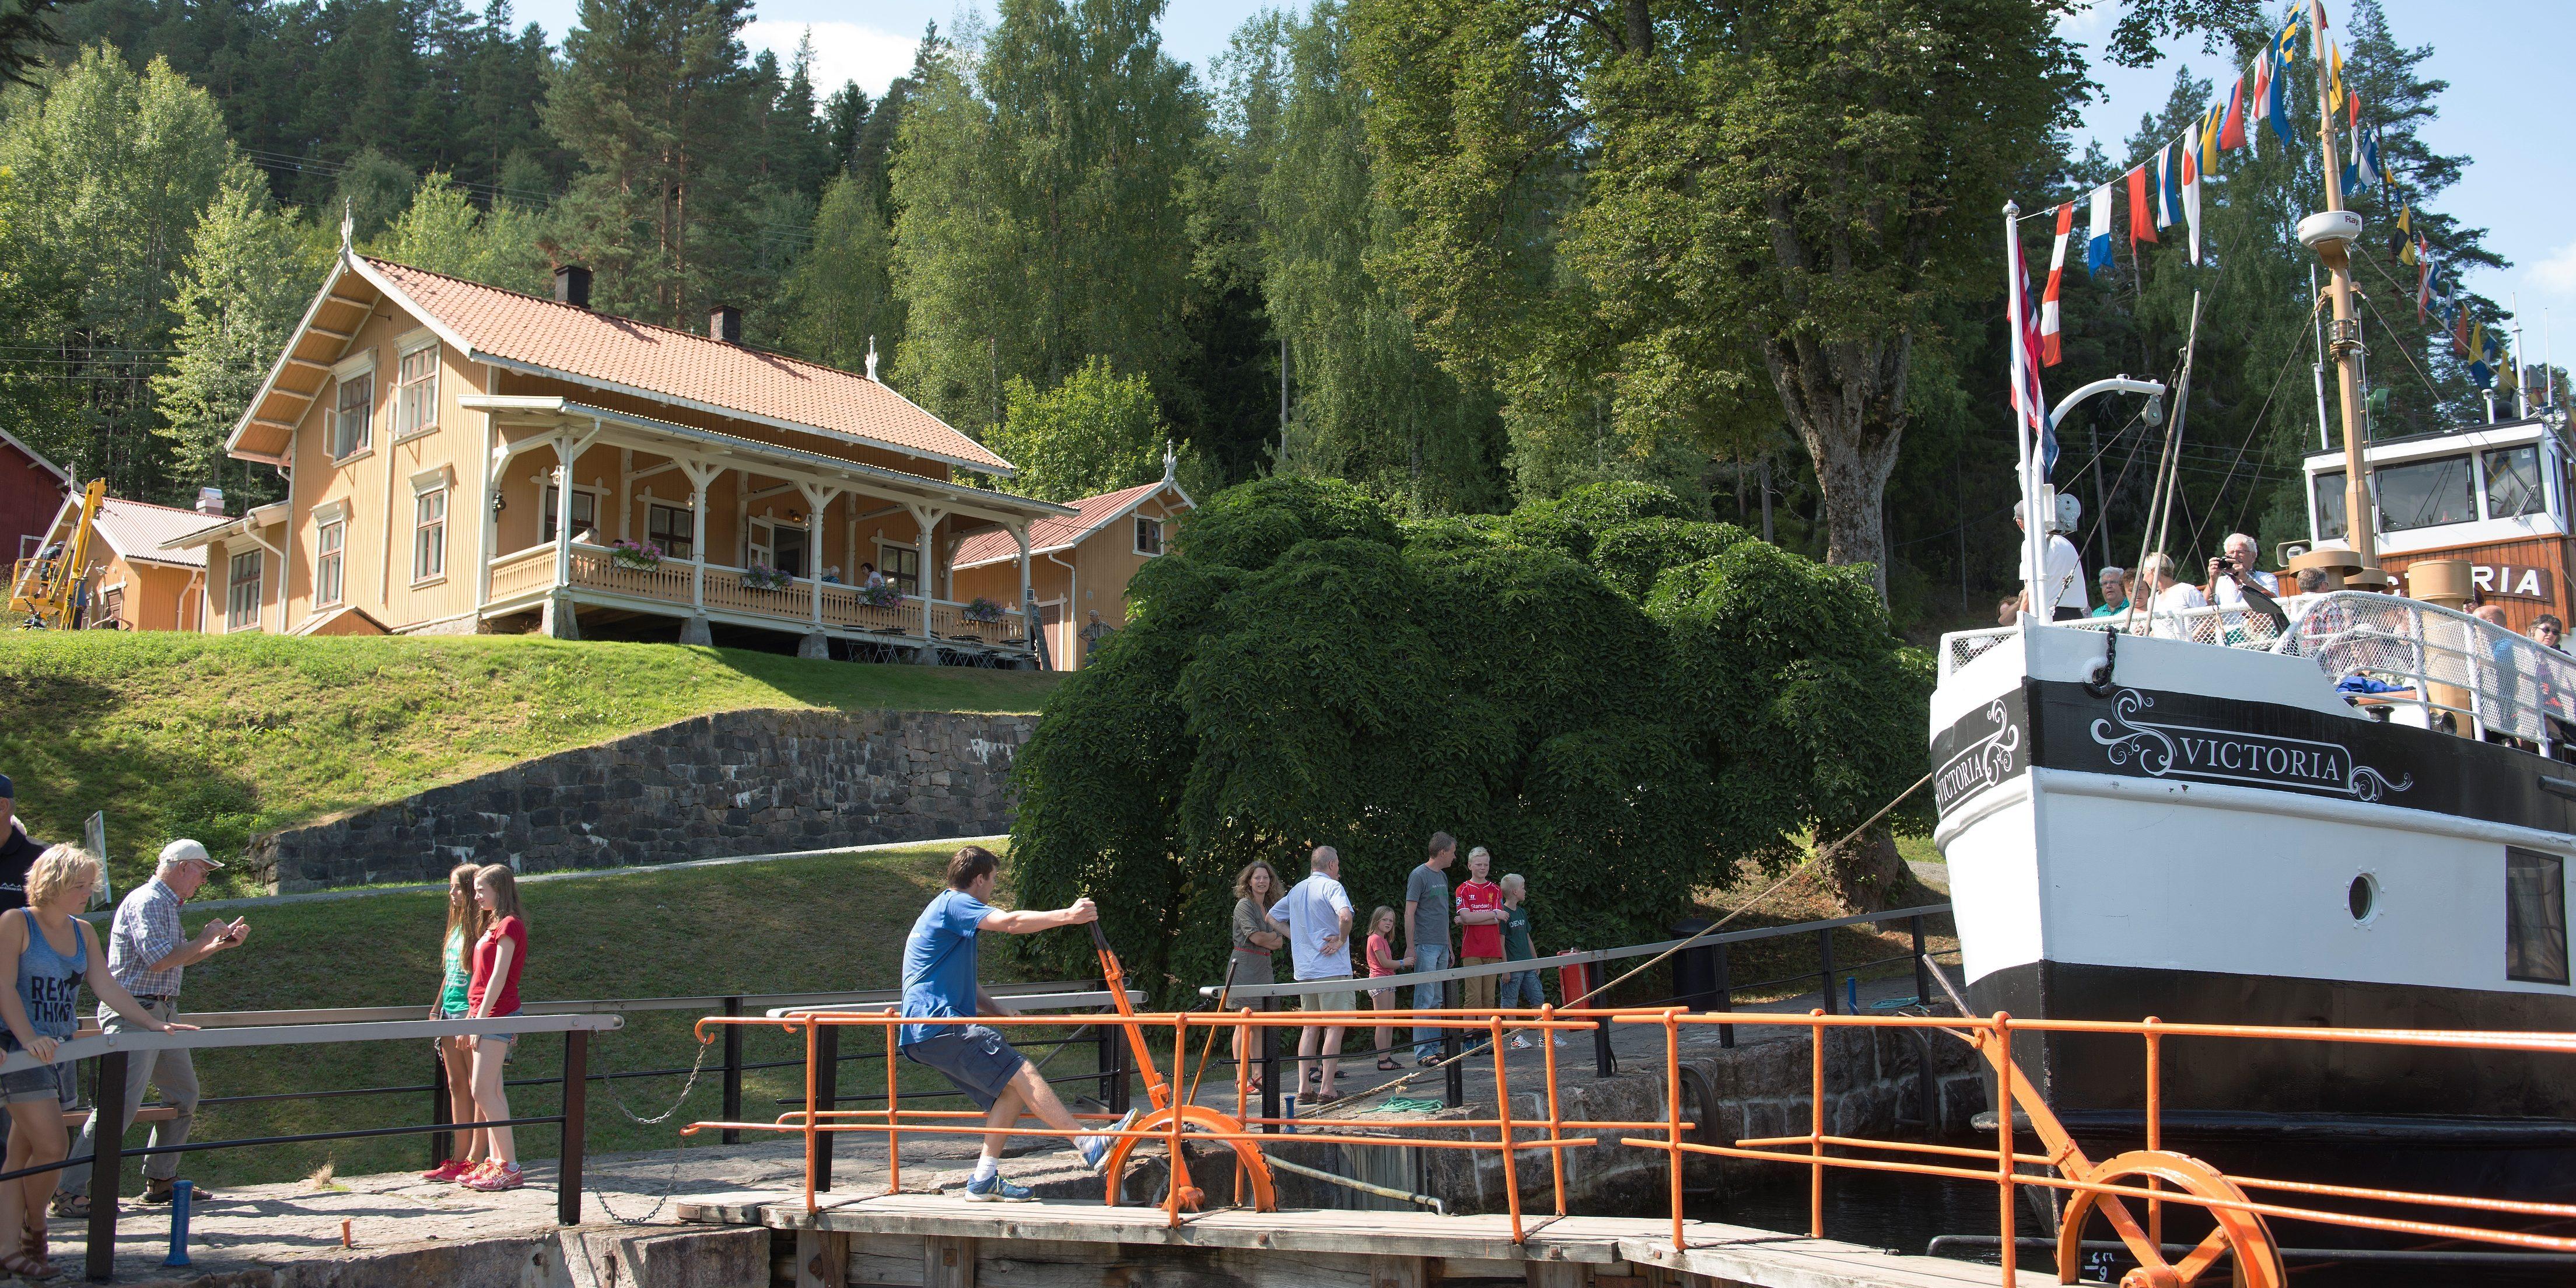 VrangfossSluser_OleBjørnUlsnæs_Forside6_2